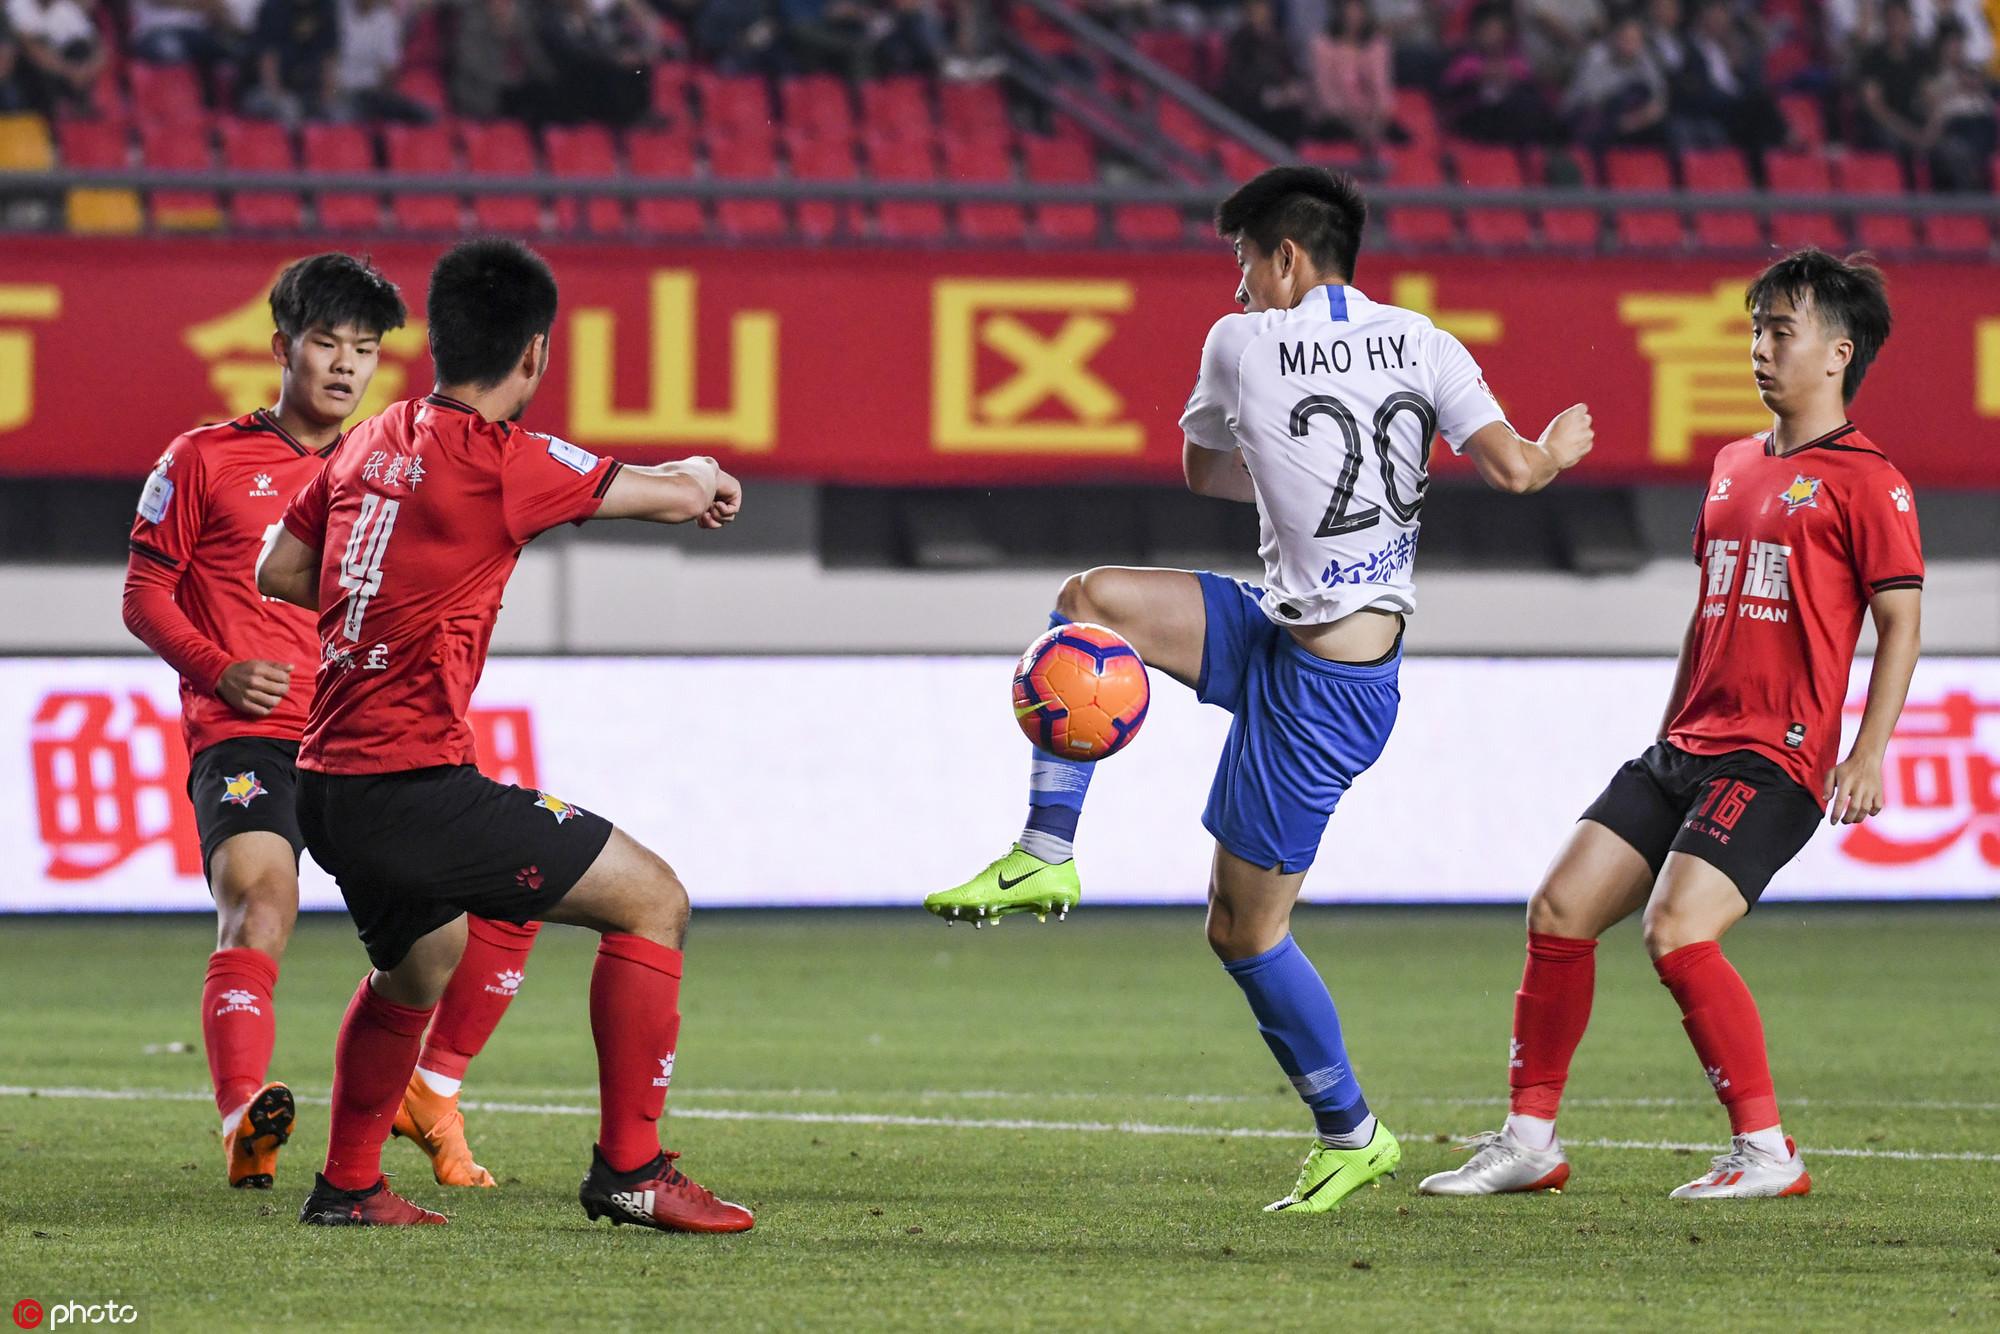 足协杯:张池明荣昊破门彭鹏送礼,申鑫2-3遭泰达反转